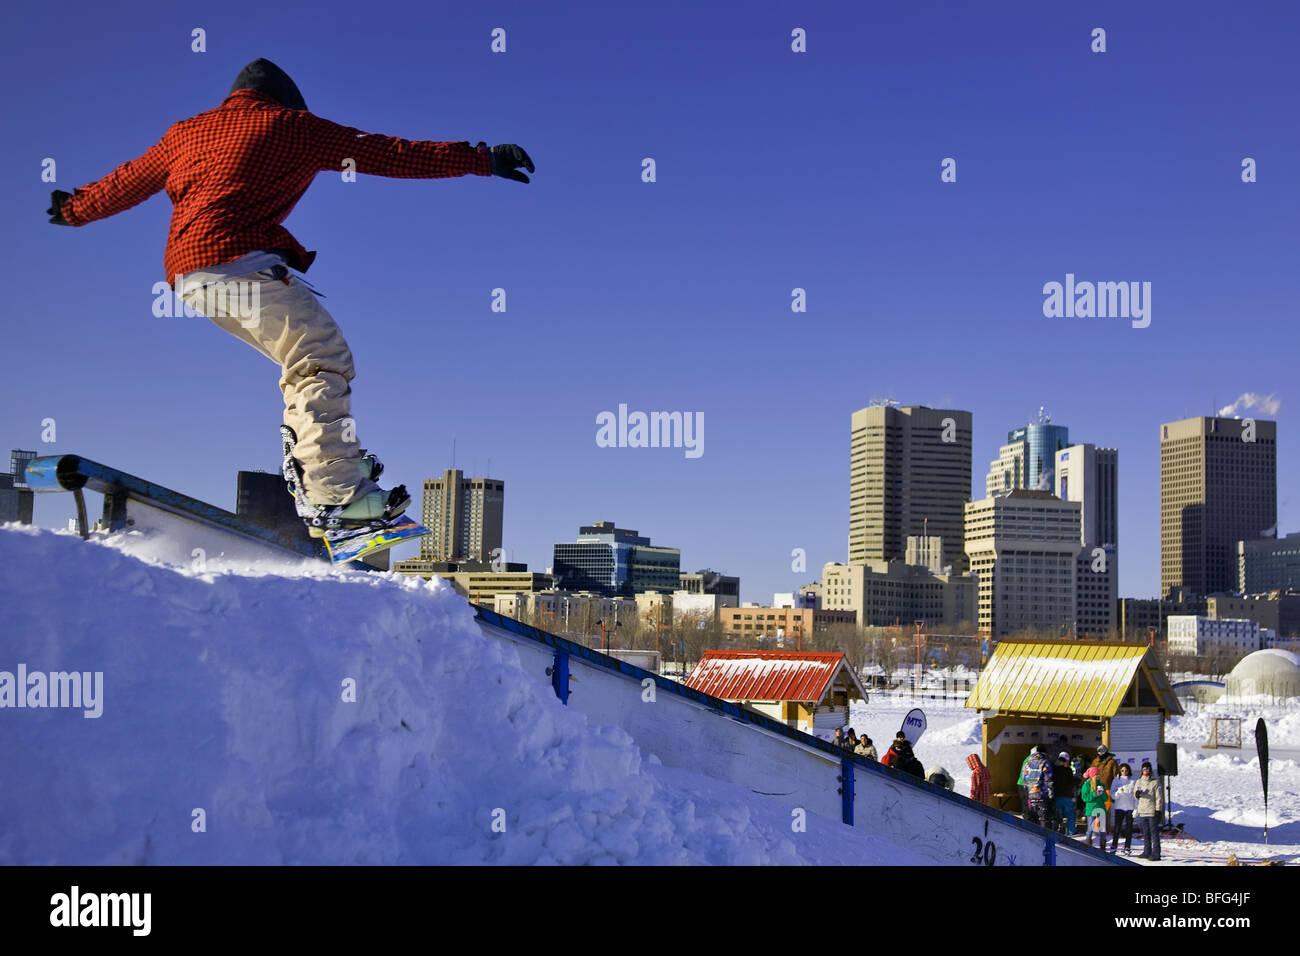 Varón adolescente snowboarder en horquillas Winter Park en el centro de Winnipeg. Parte de la competencia de snowboard Snowjam. Winnipeg Manitob Foto de stock